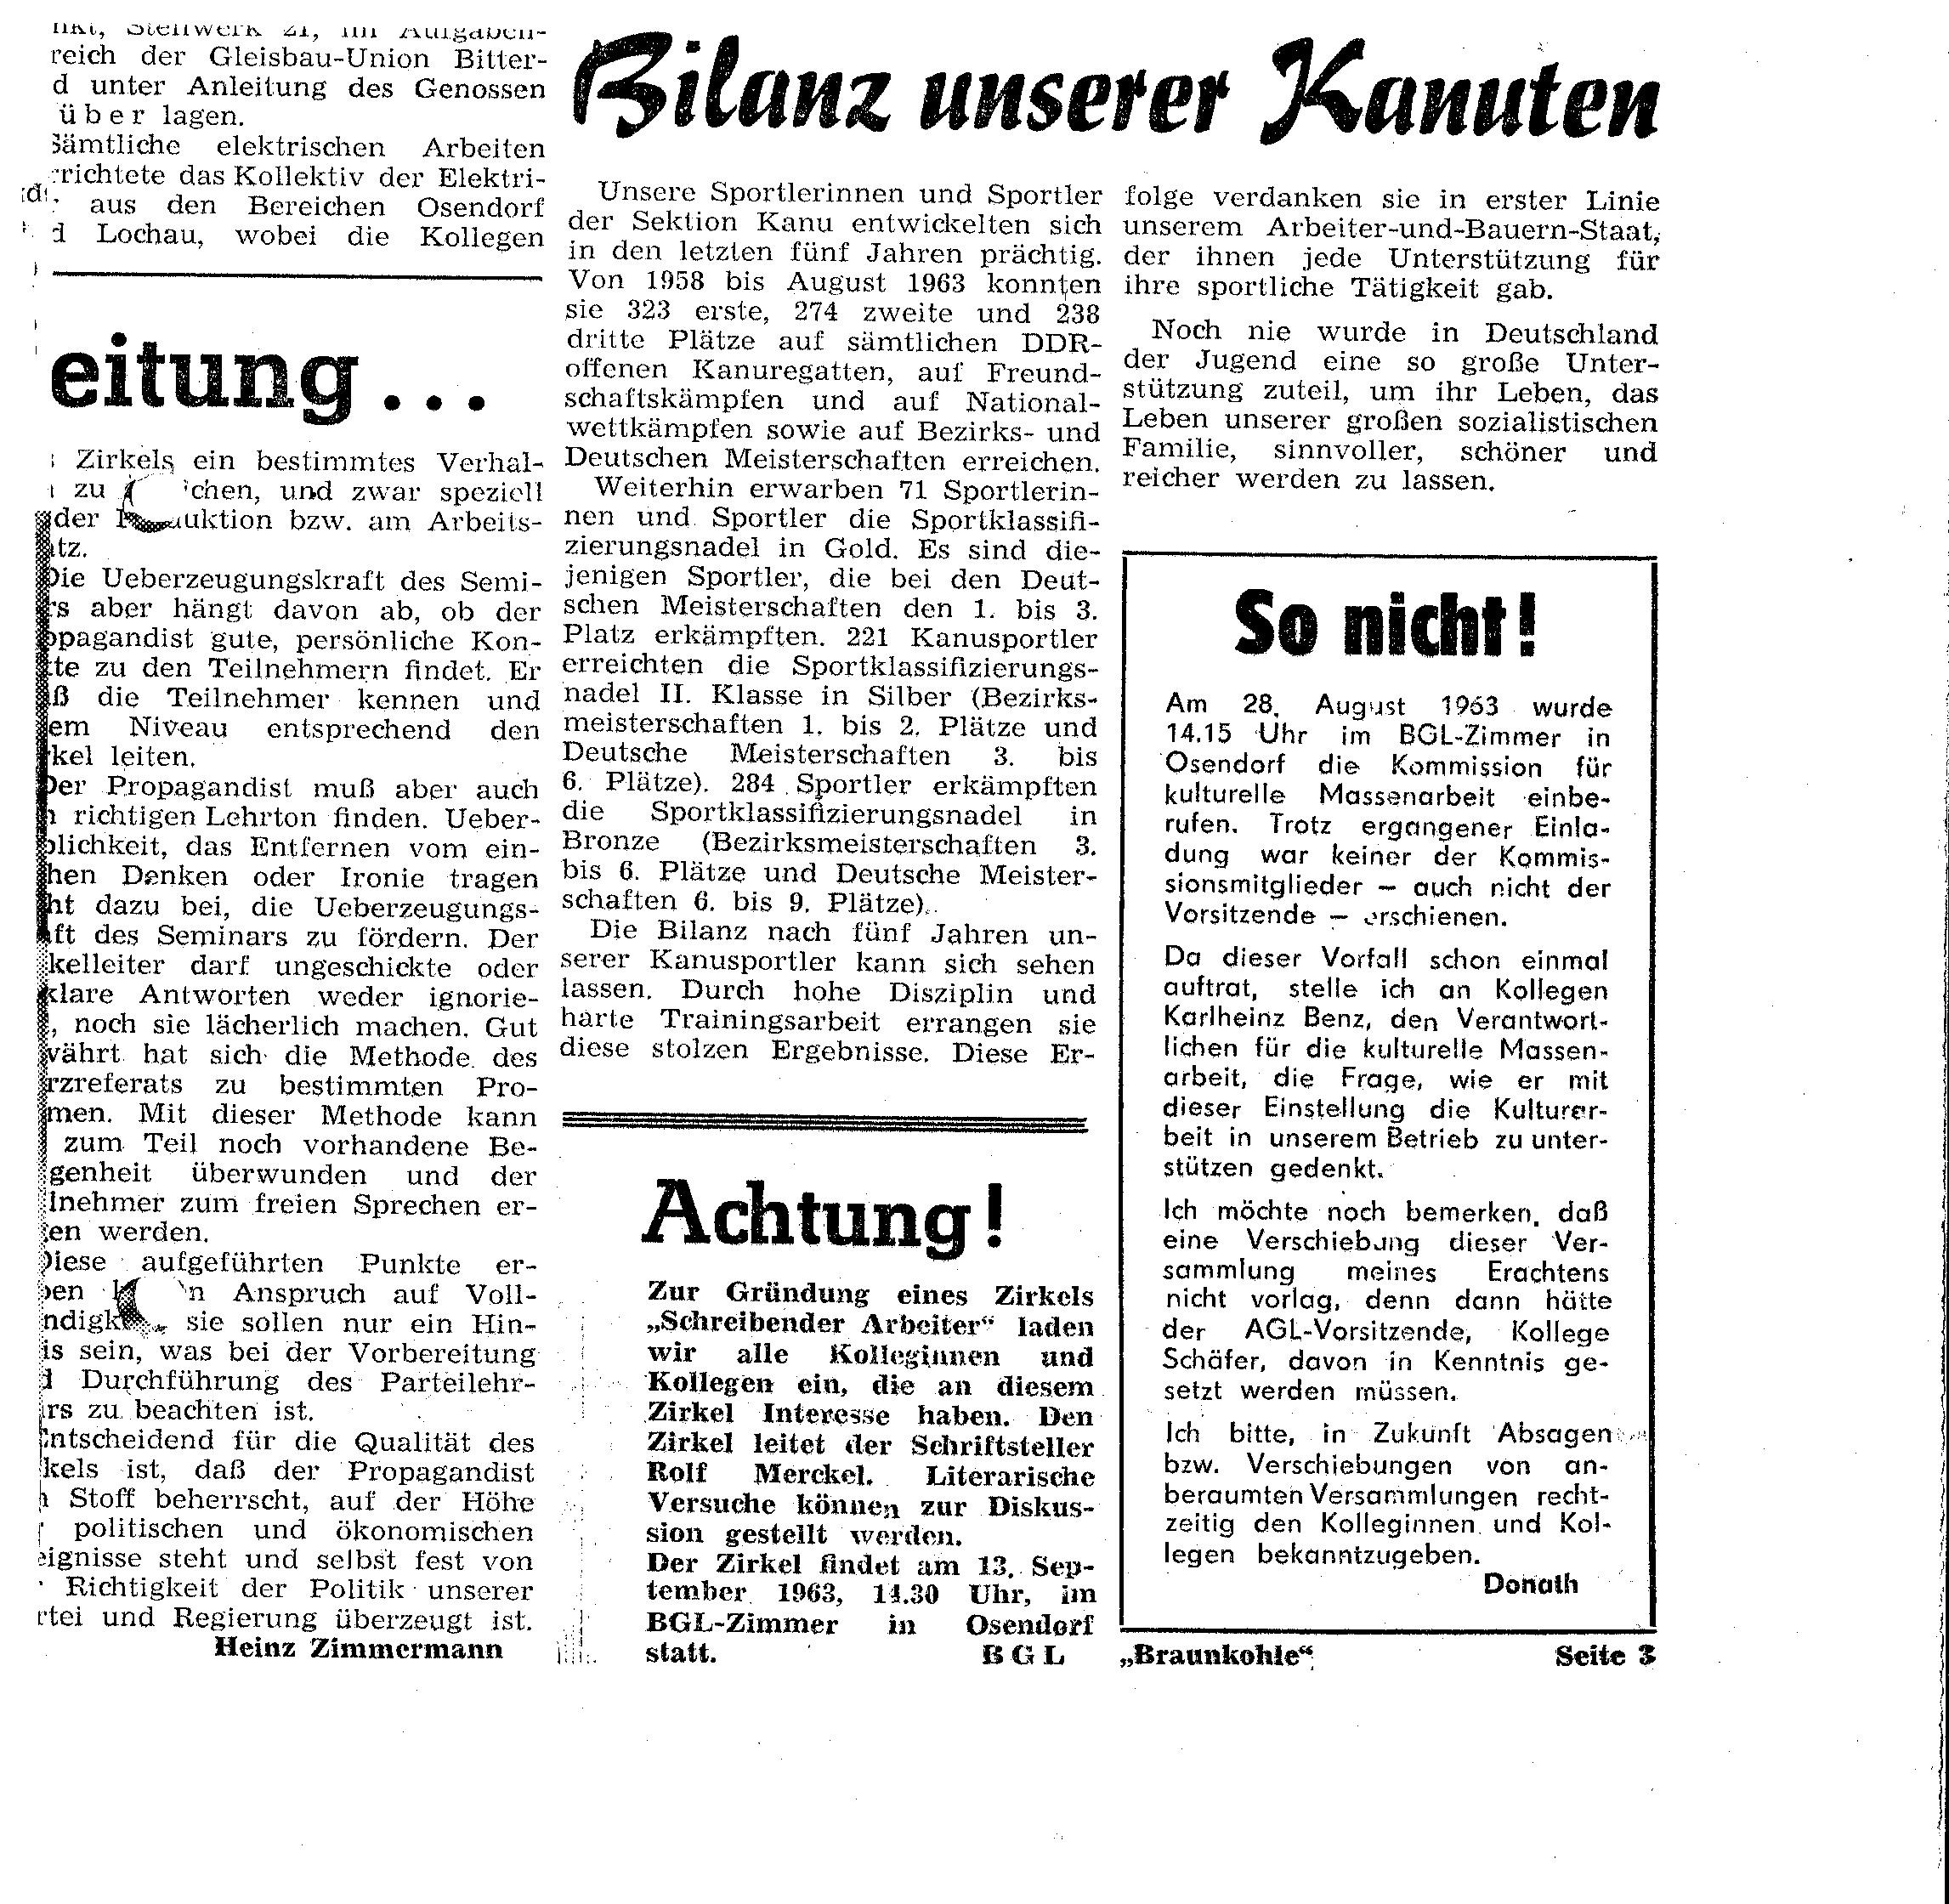 1963-08-28 Bilanz unserer Kanuten